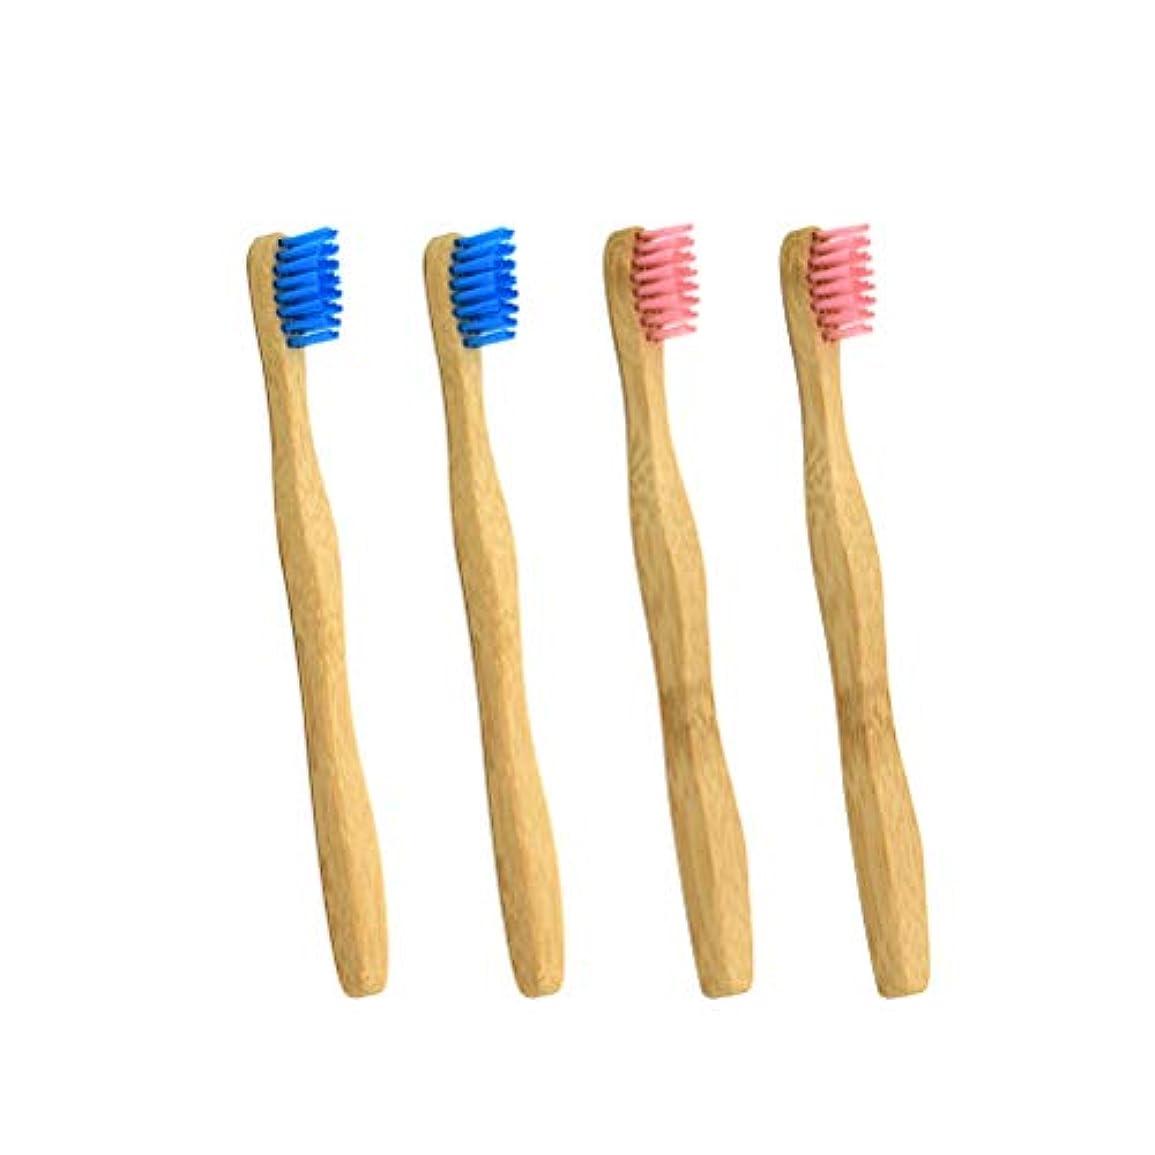 凍った既に上向きHEALIFTY 子供の竹の歯ブラシ環境に優しい抗菌性の子供の歯ブラシ4本